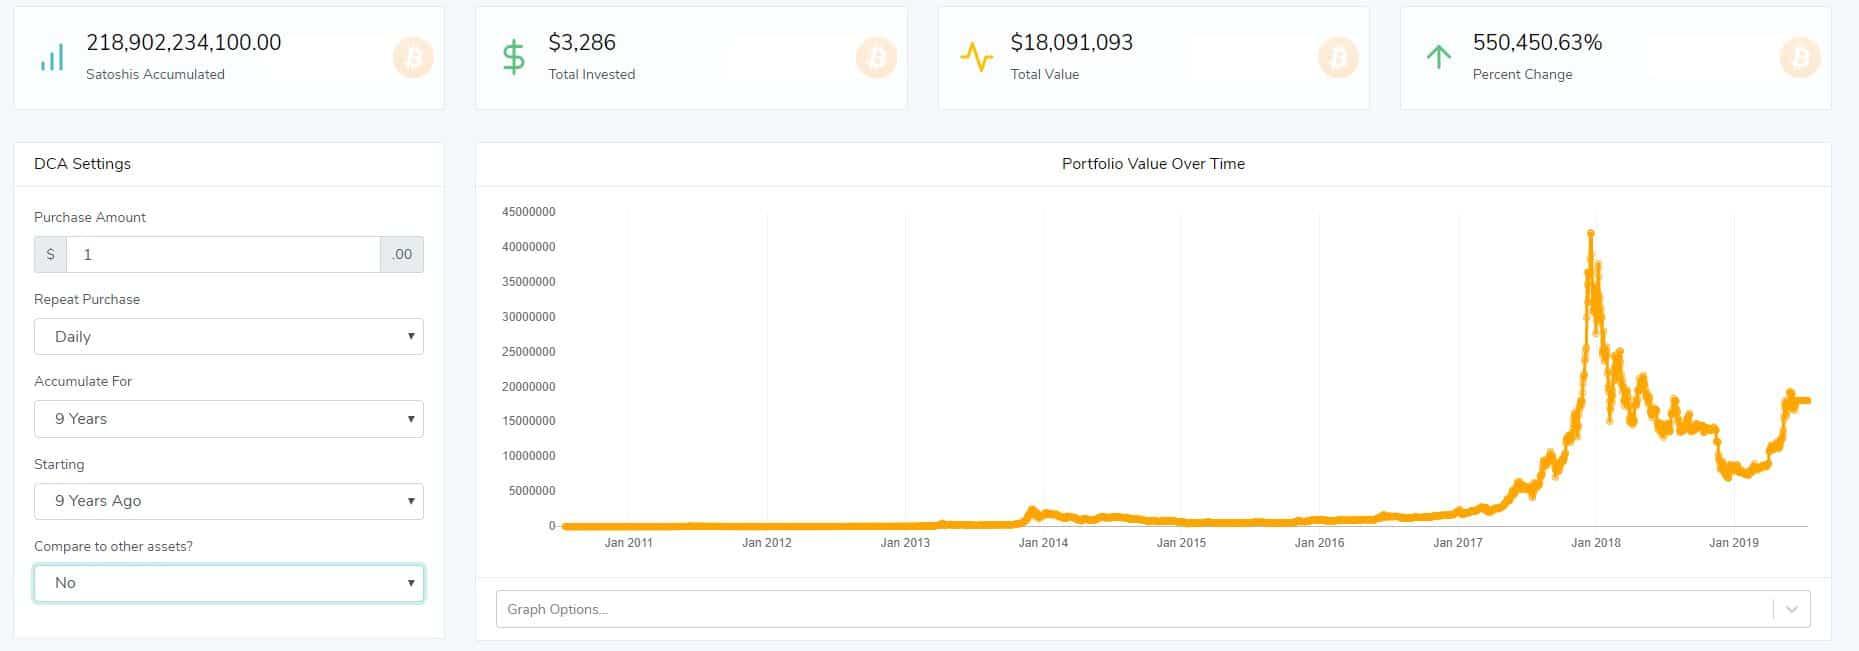 Если бы вы инвестировали $ 1 каждый день в Биткойн в течение 9 лет, вы бы получили $ 18 миллионов